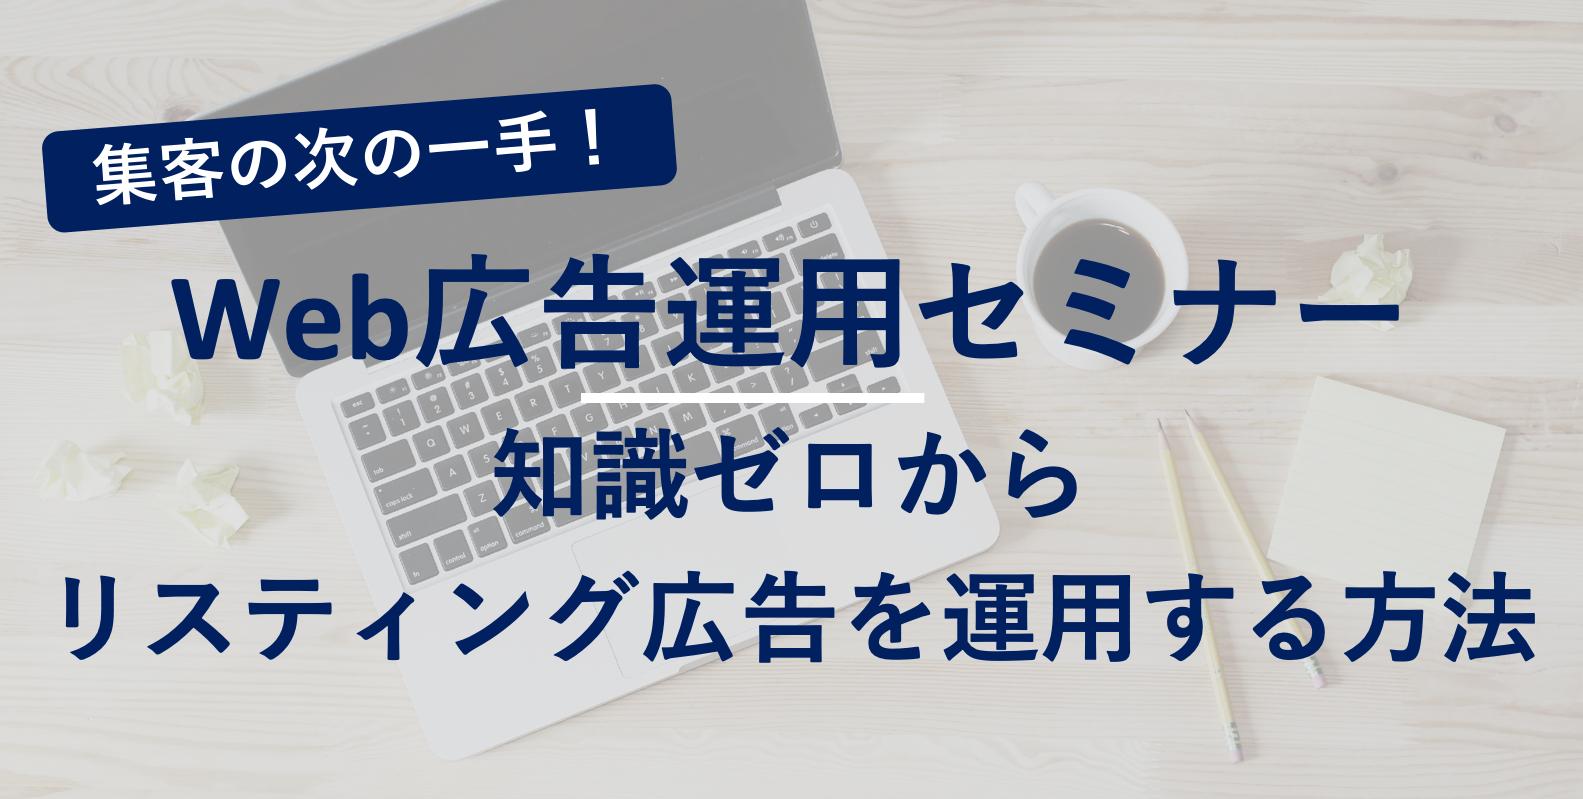 【第12回勉強会】12/9(日)Web広告運用セミナー 知識ゼロからリスティング広告を運用する方法